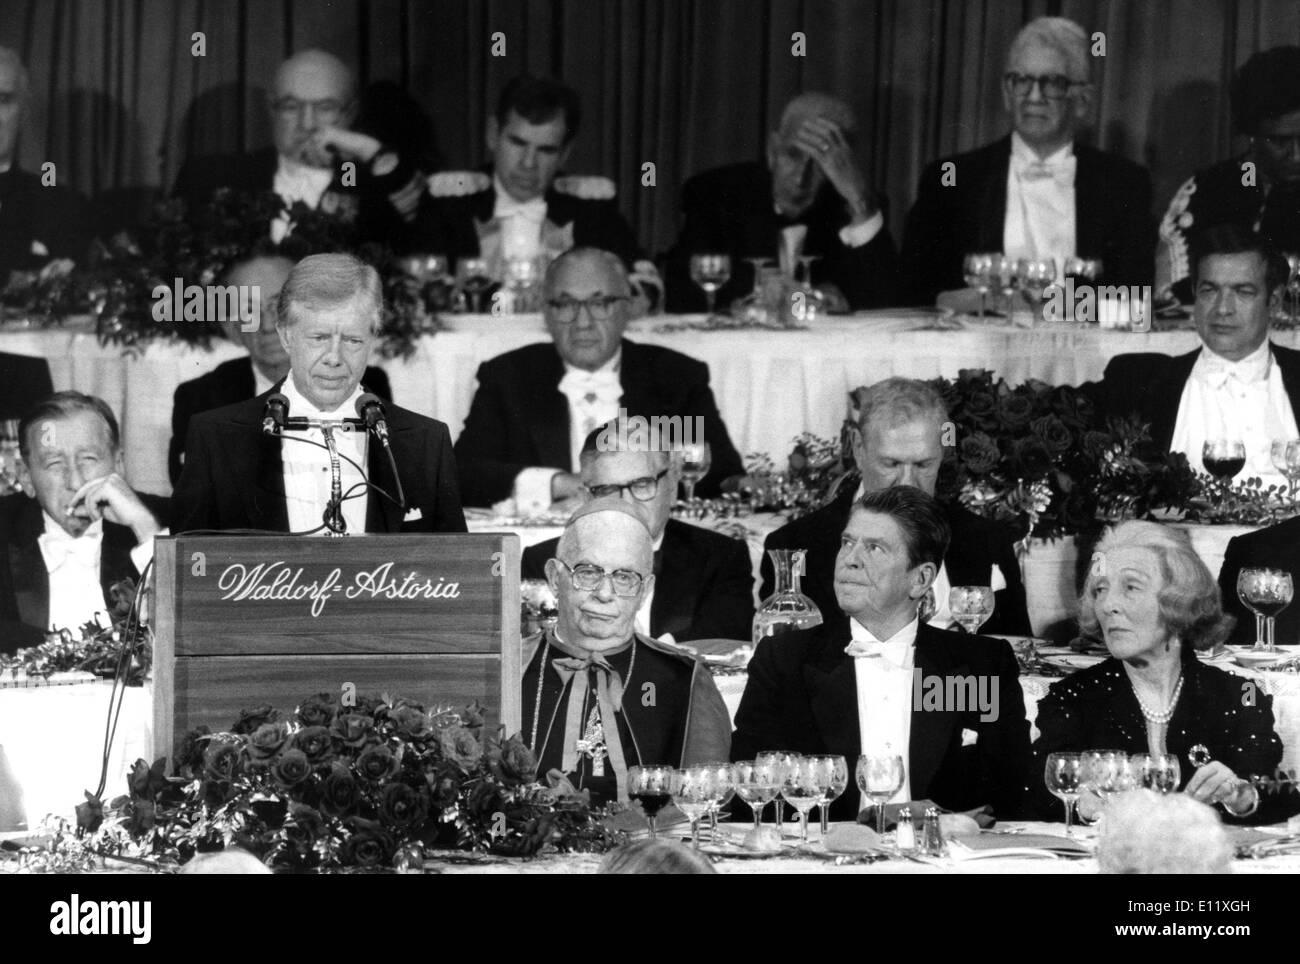 Oct 16, 1980; New York, NY, USA; Reagan est mort le 5 juin 2004. Le 40e président des États-Unis (1981-1989) RONALD WILSON REAGAN (républicain). Photo Stock